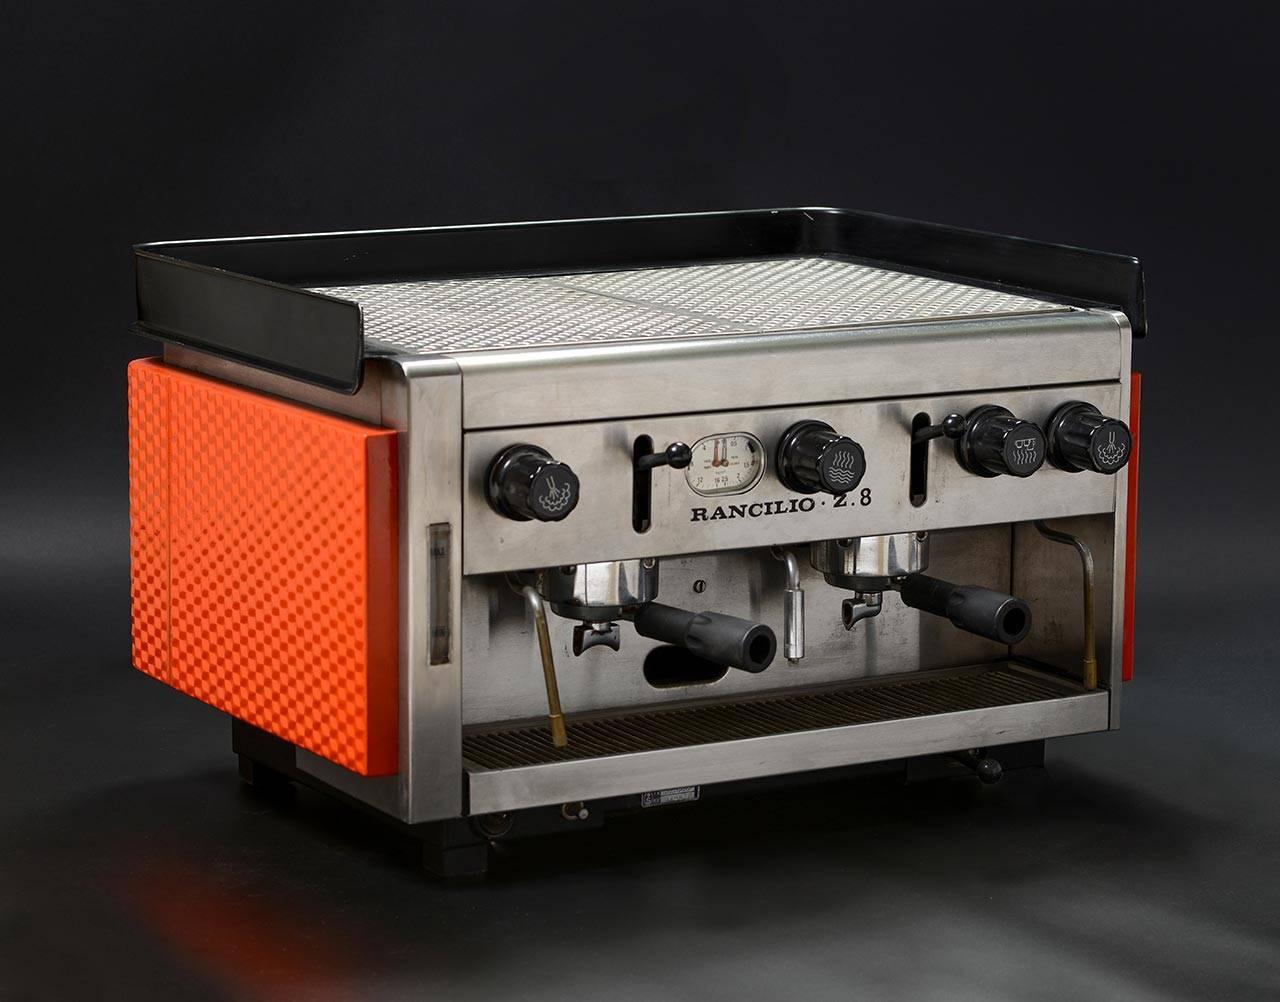 מכונת קפה Racilio, איטליה 1971. אוסף איריס ורם איבגי